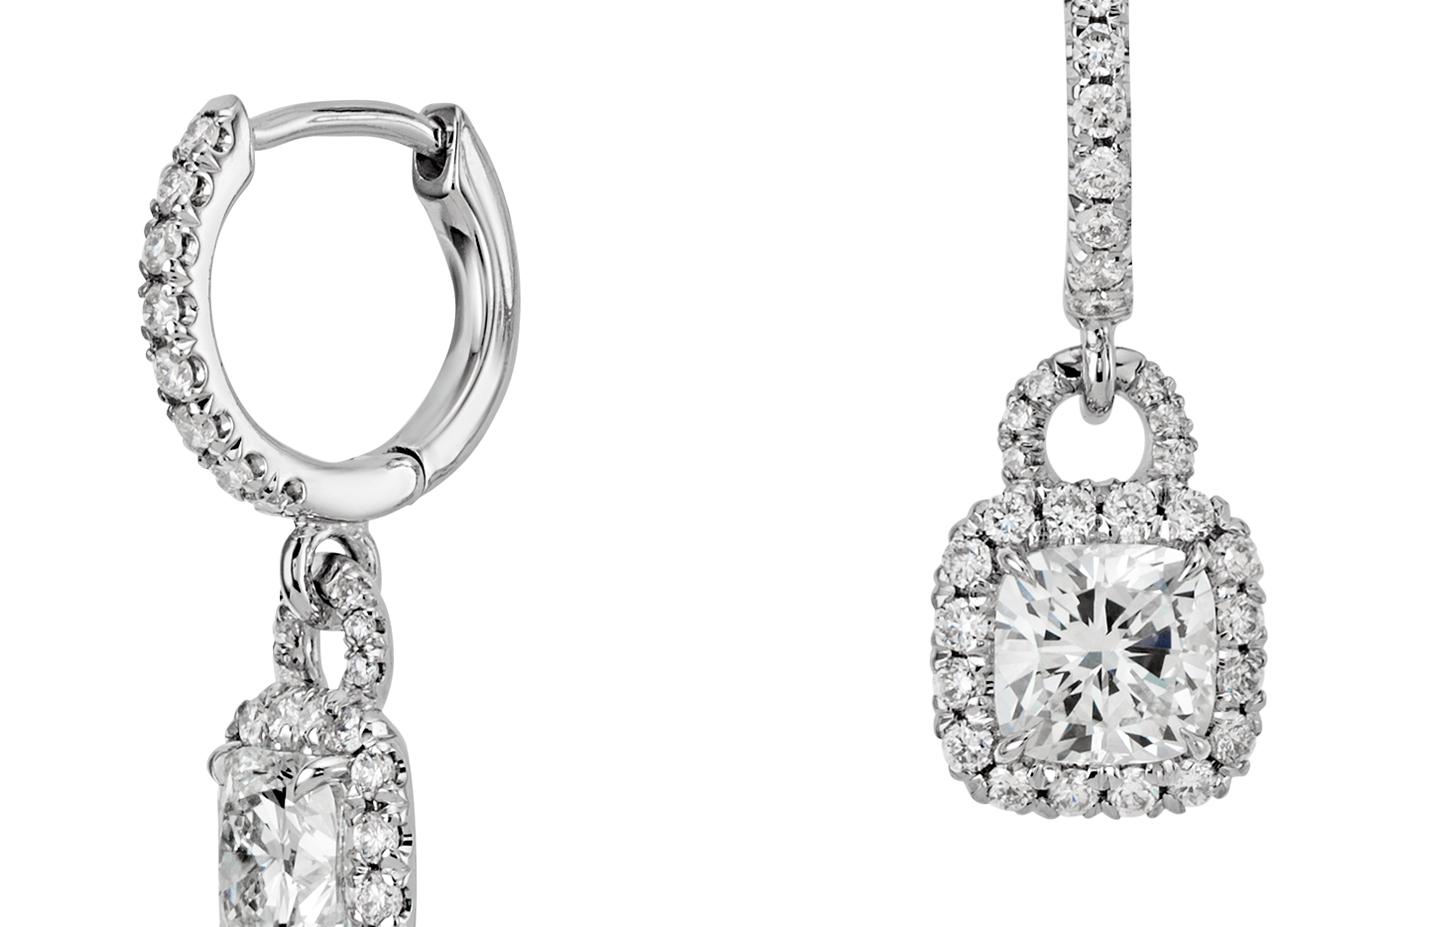 Aretes de diamantes de talla cojín en oro blanco de 18 k (1,50 qt. total)